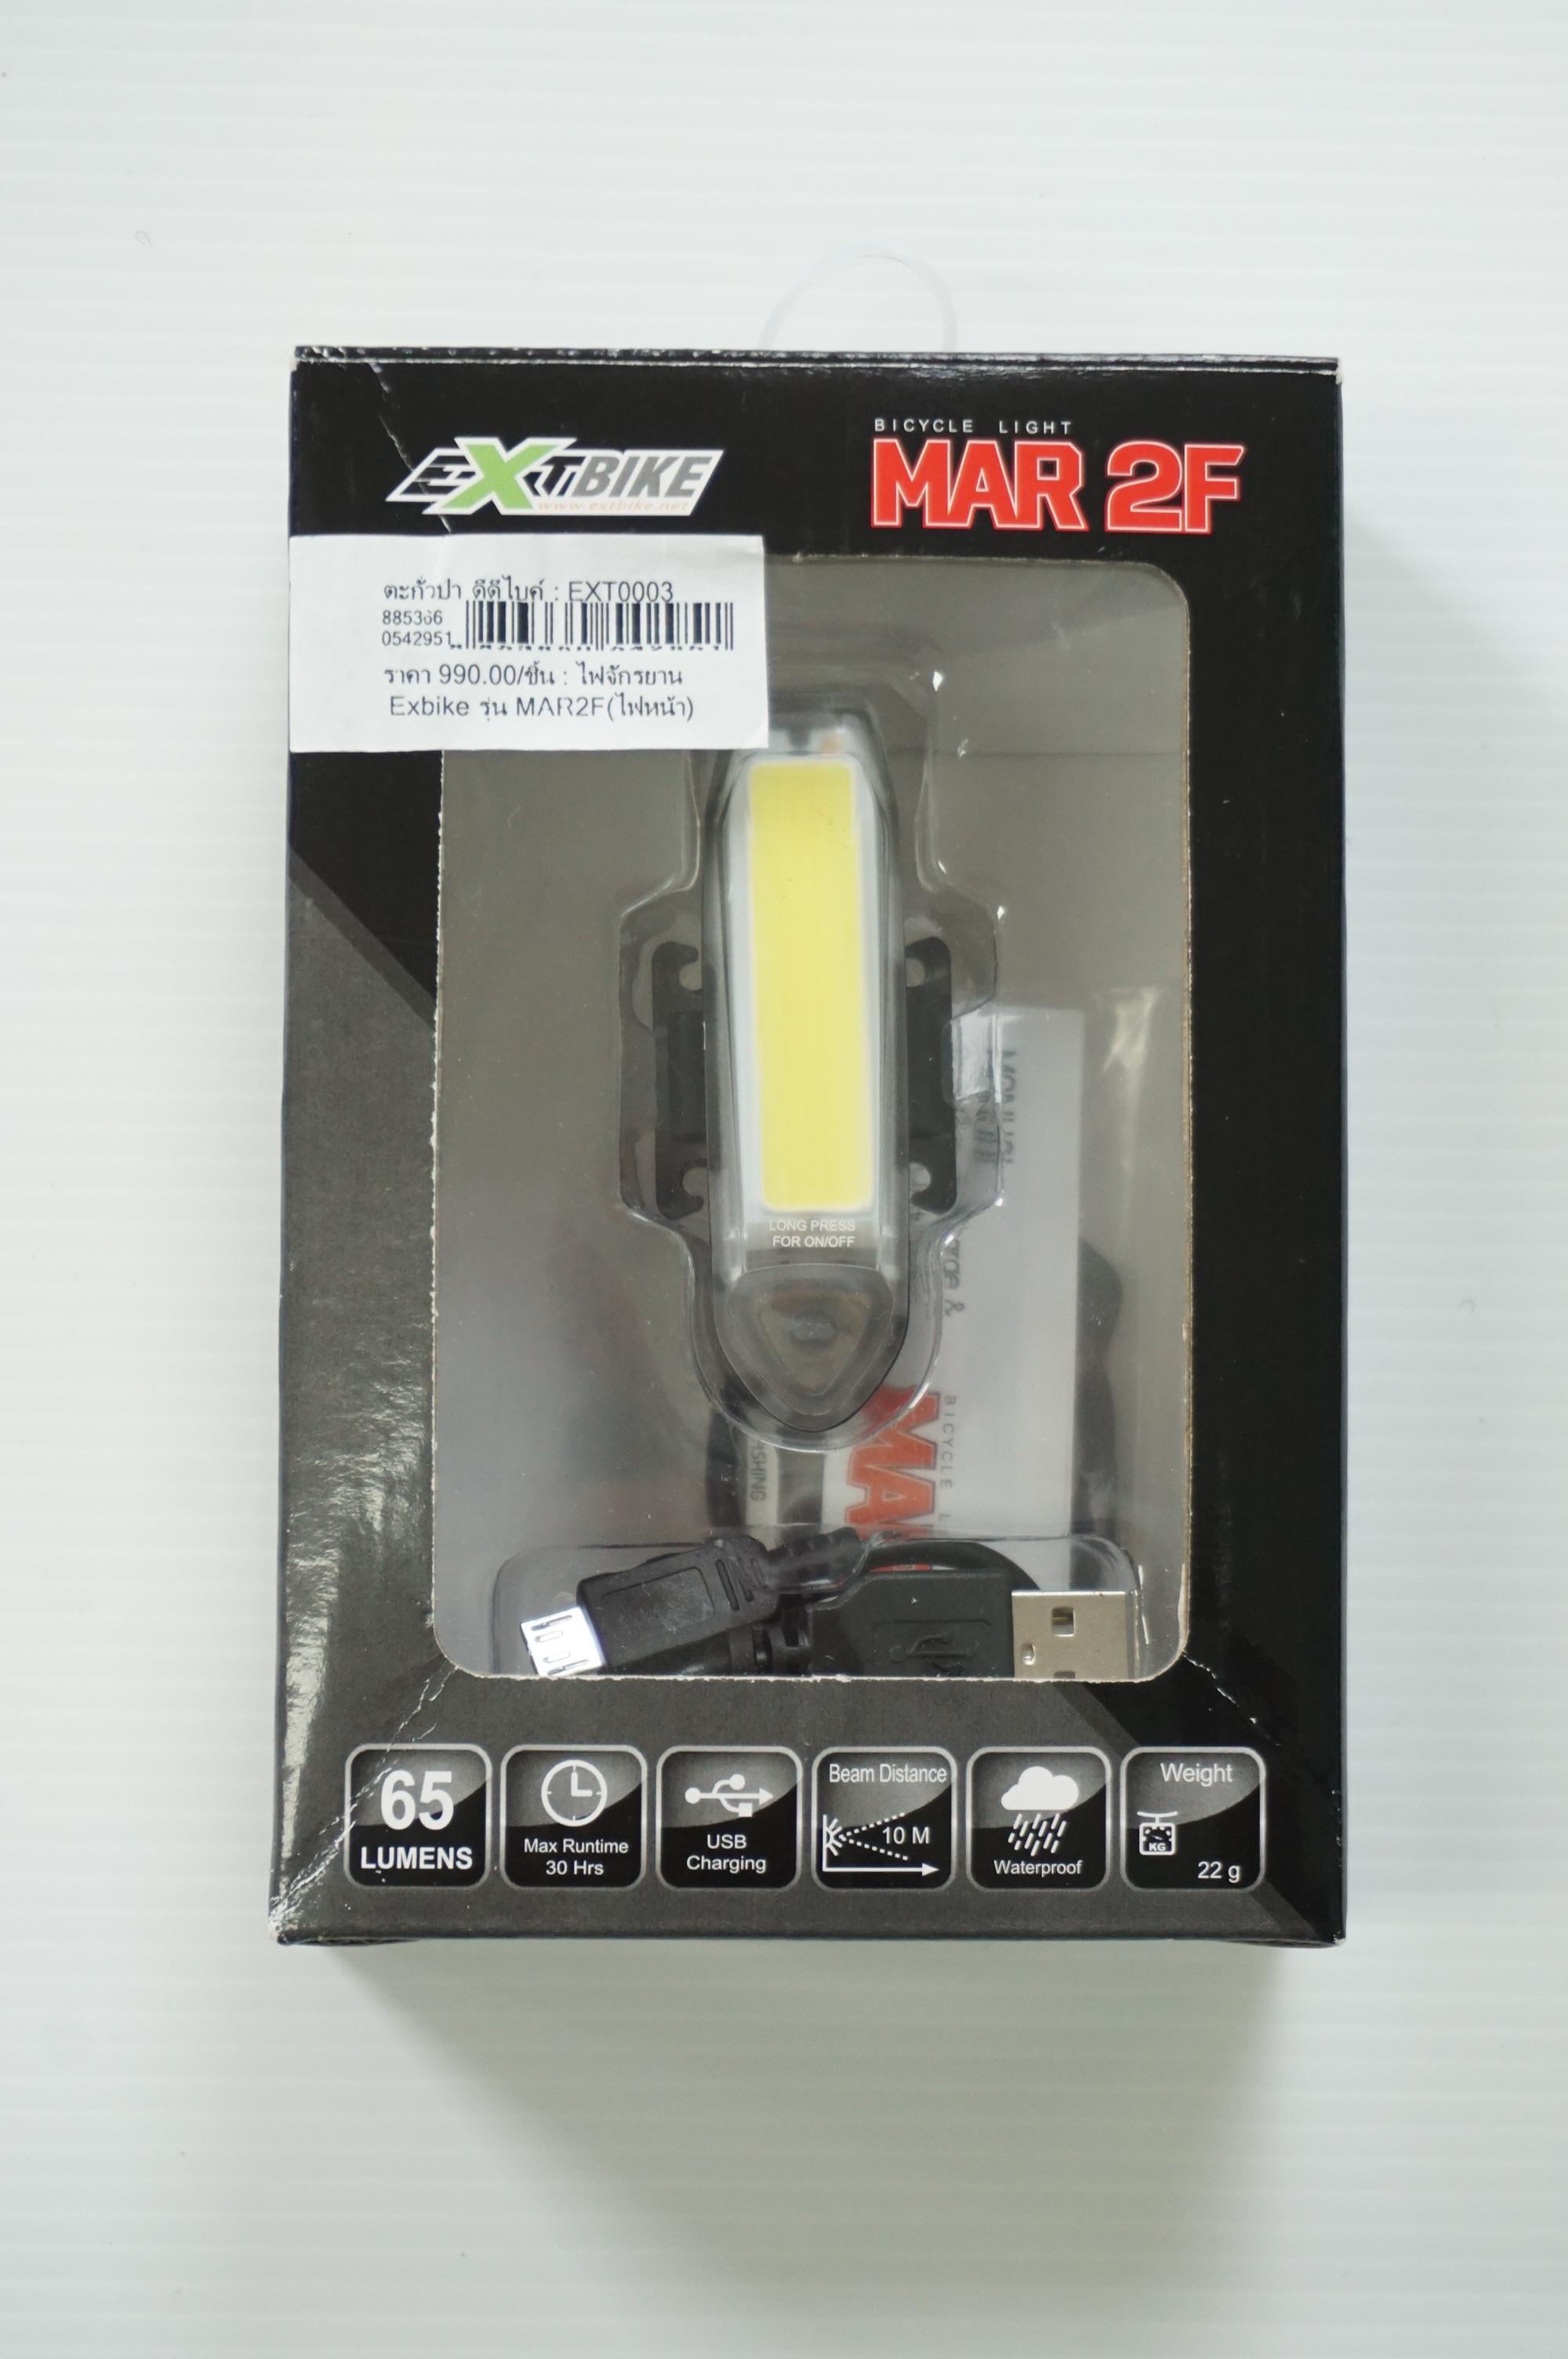 ไฟหน้าจักรยาน Exbike รุ่น MAR2F(ไฟหน้า)